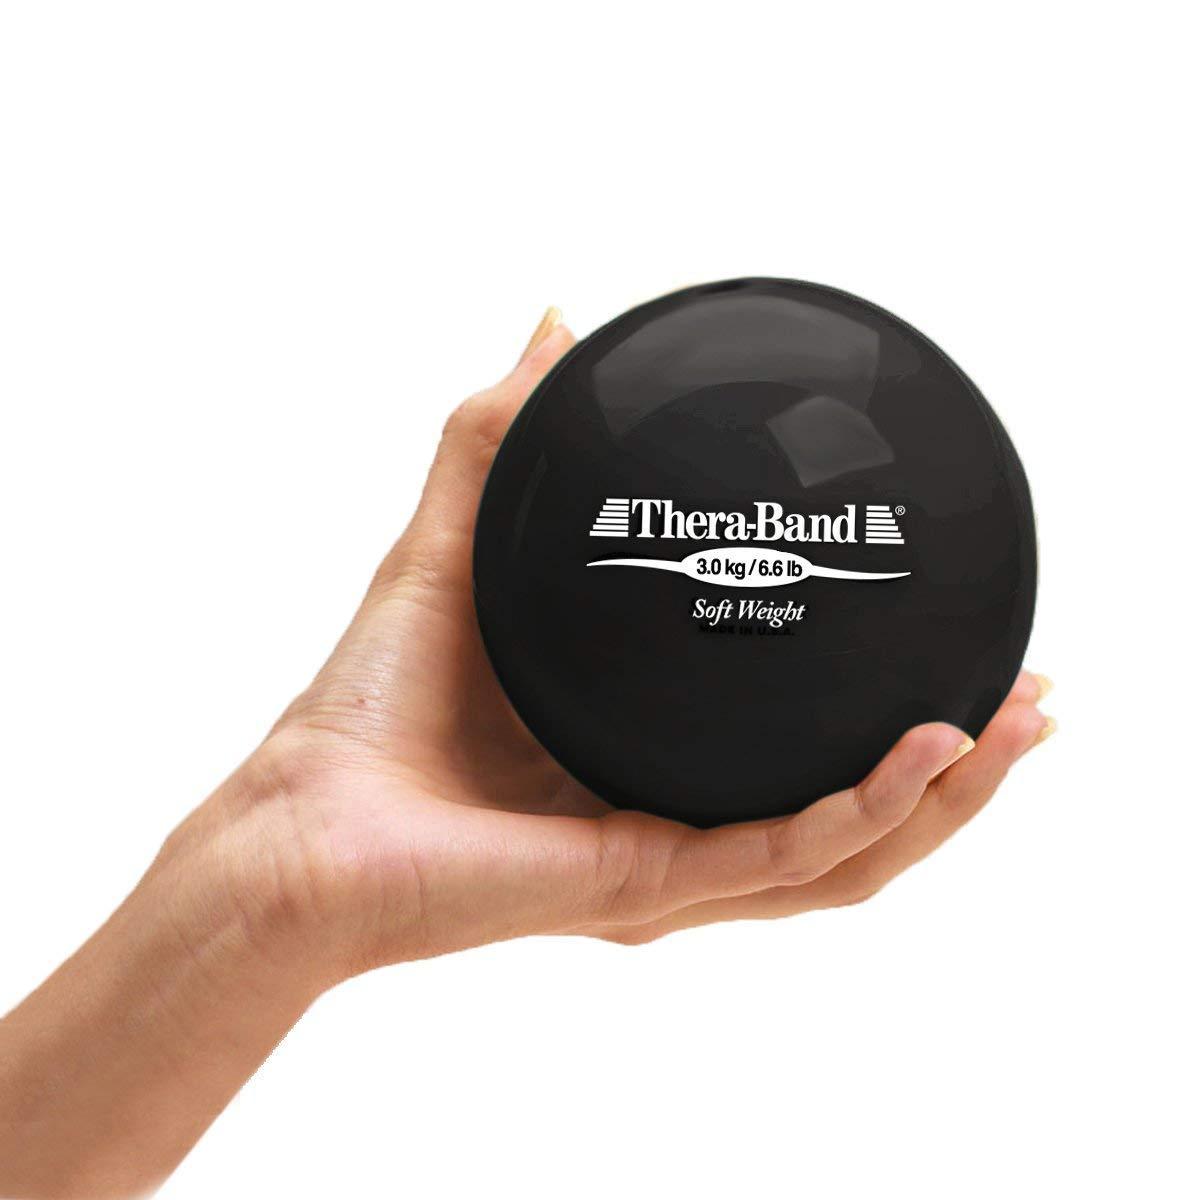 Theraband Soft Weight, Hand Held Isotonisch Gewicht A Form von Ball-Übungen von Training und Rehabilitation, Training von Pilates, Yoga, Muskelaufbau & Home Übung Ausrüstung Kugeln, Durchmesser 11,4 CM